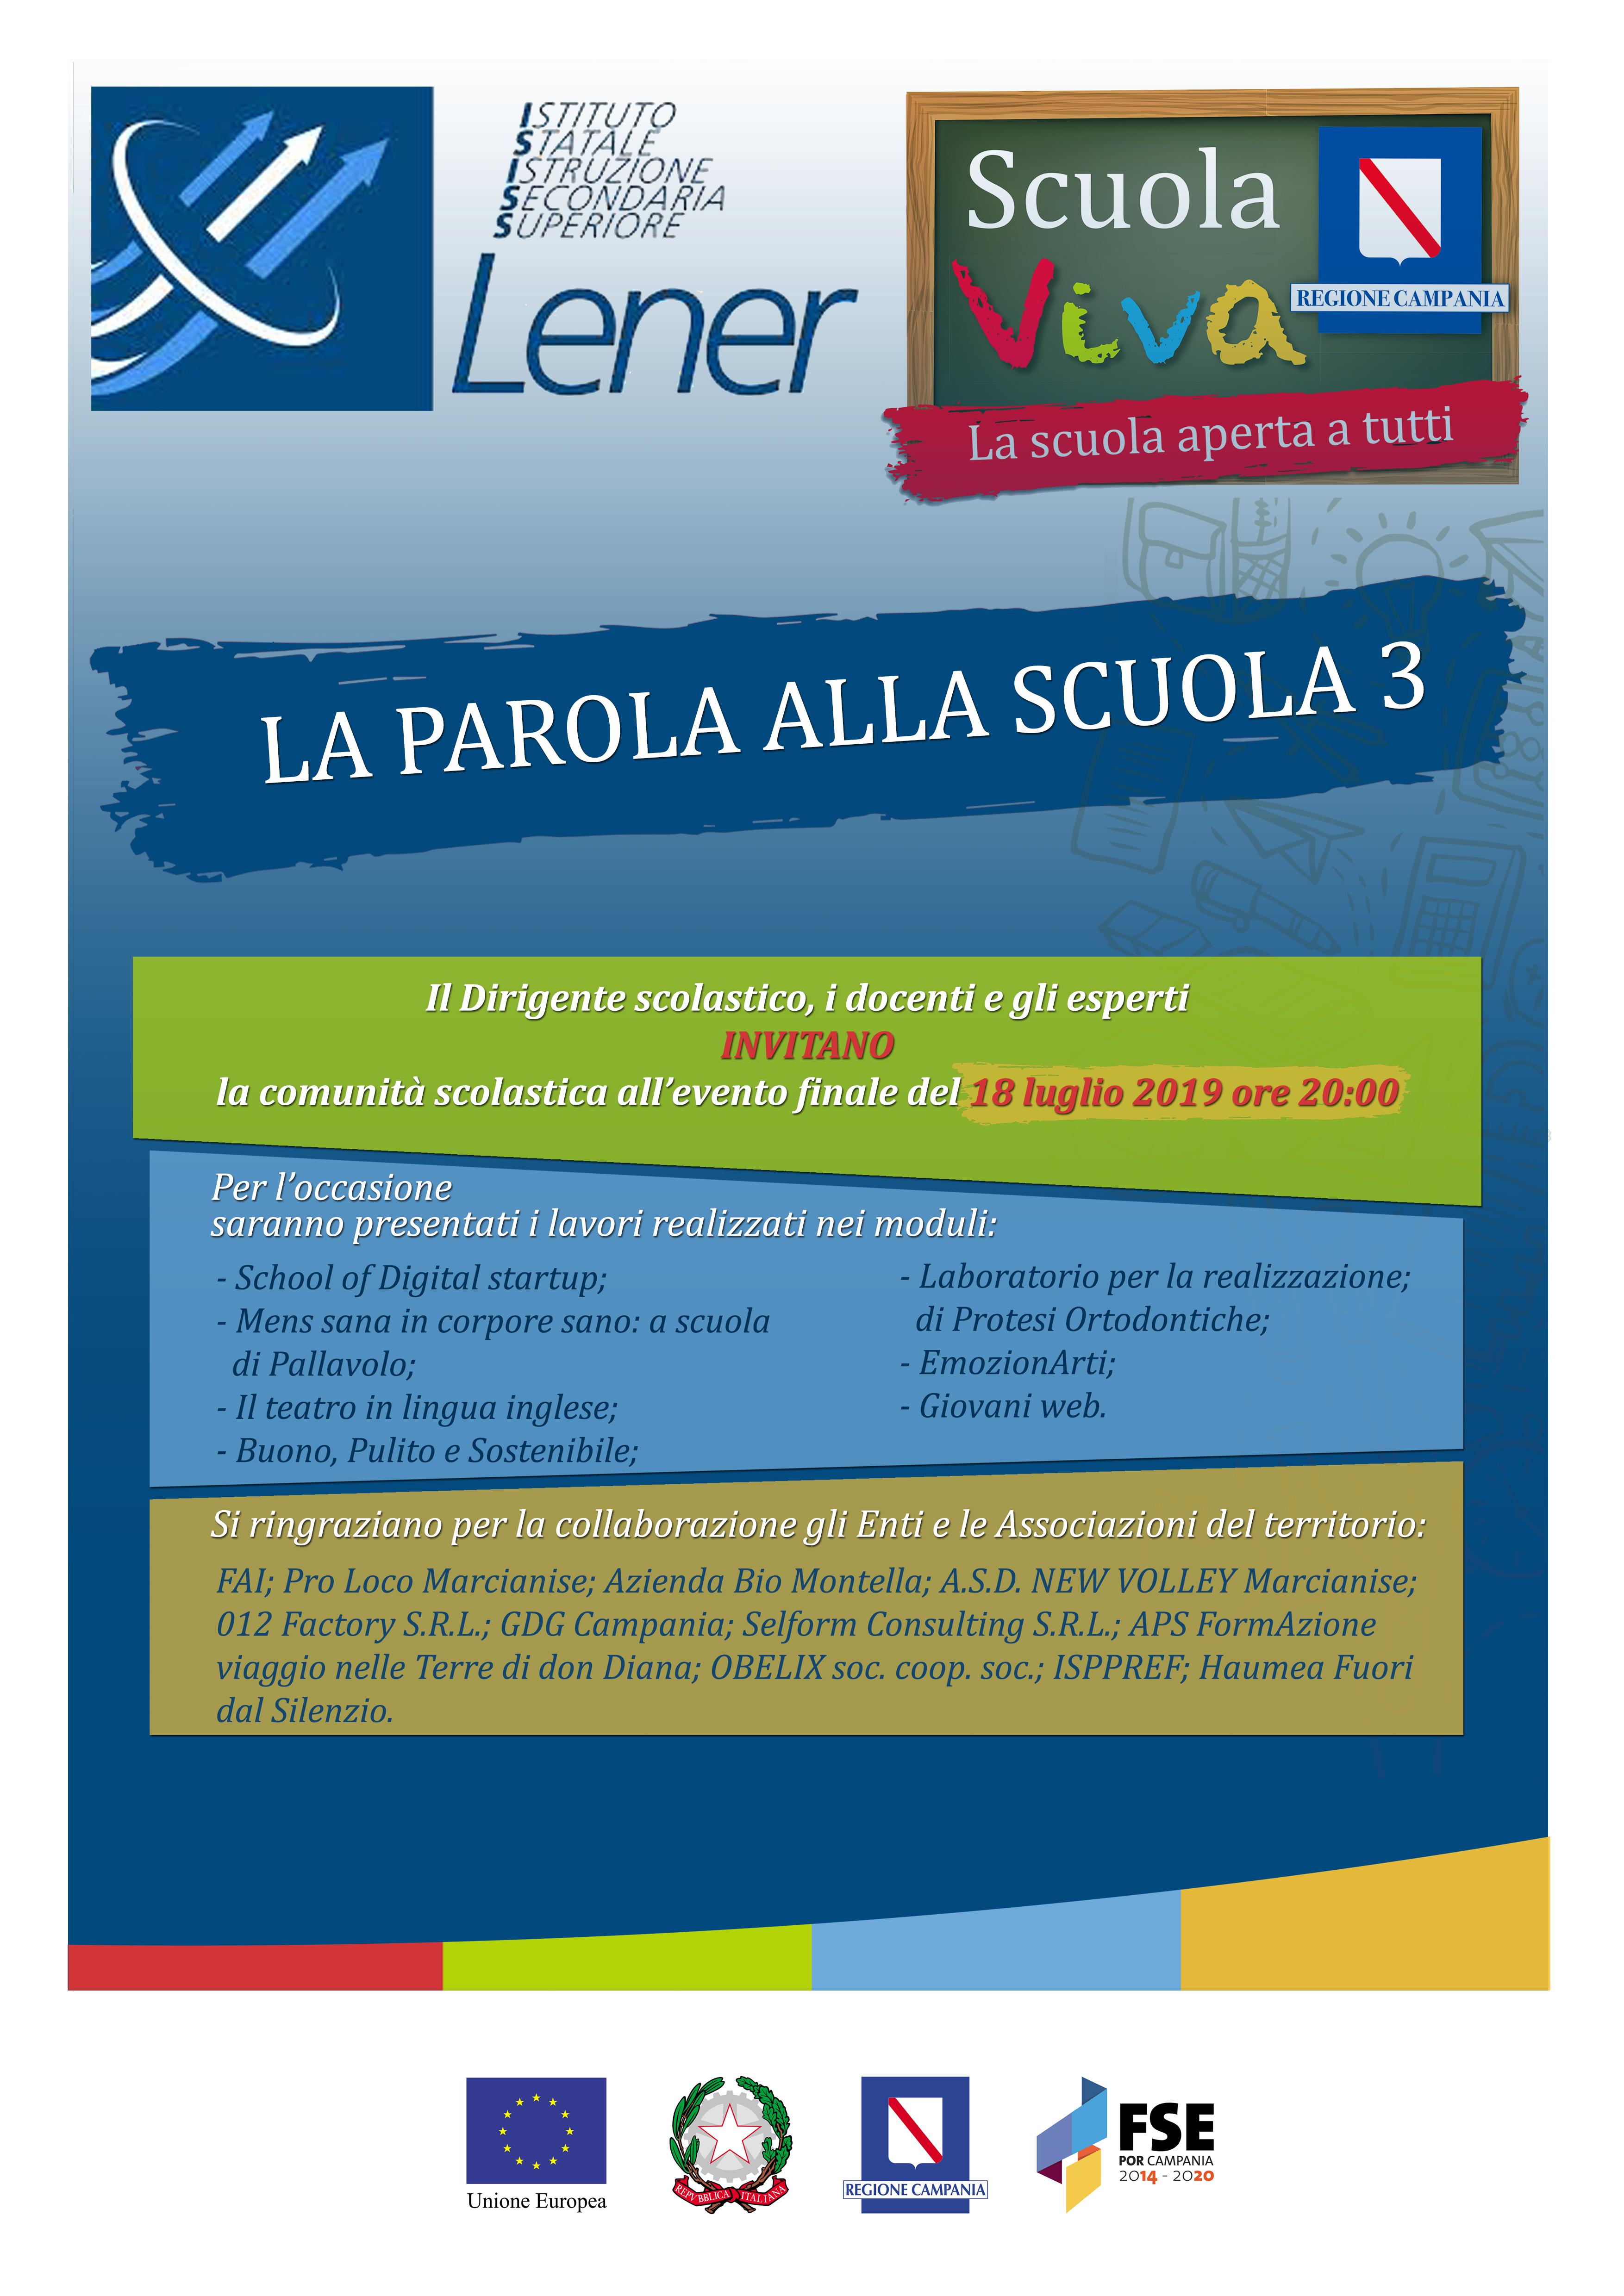 Calendario Regionale Campania Scuola.I S I S S P S Lener